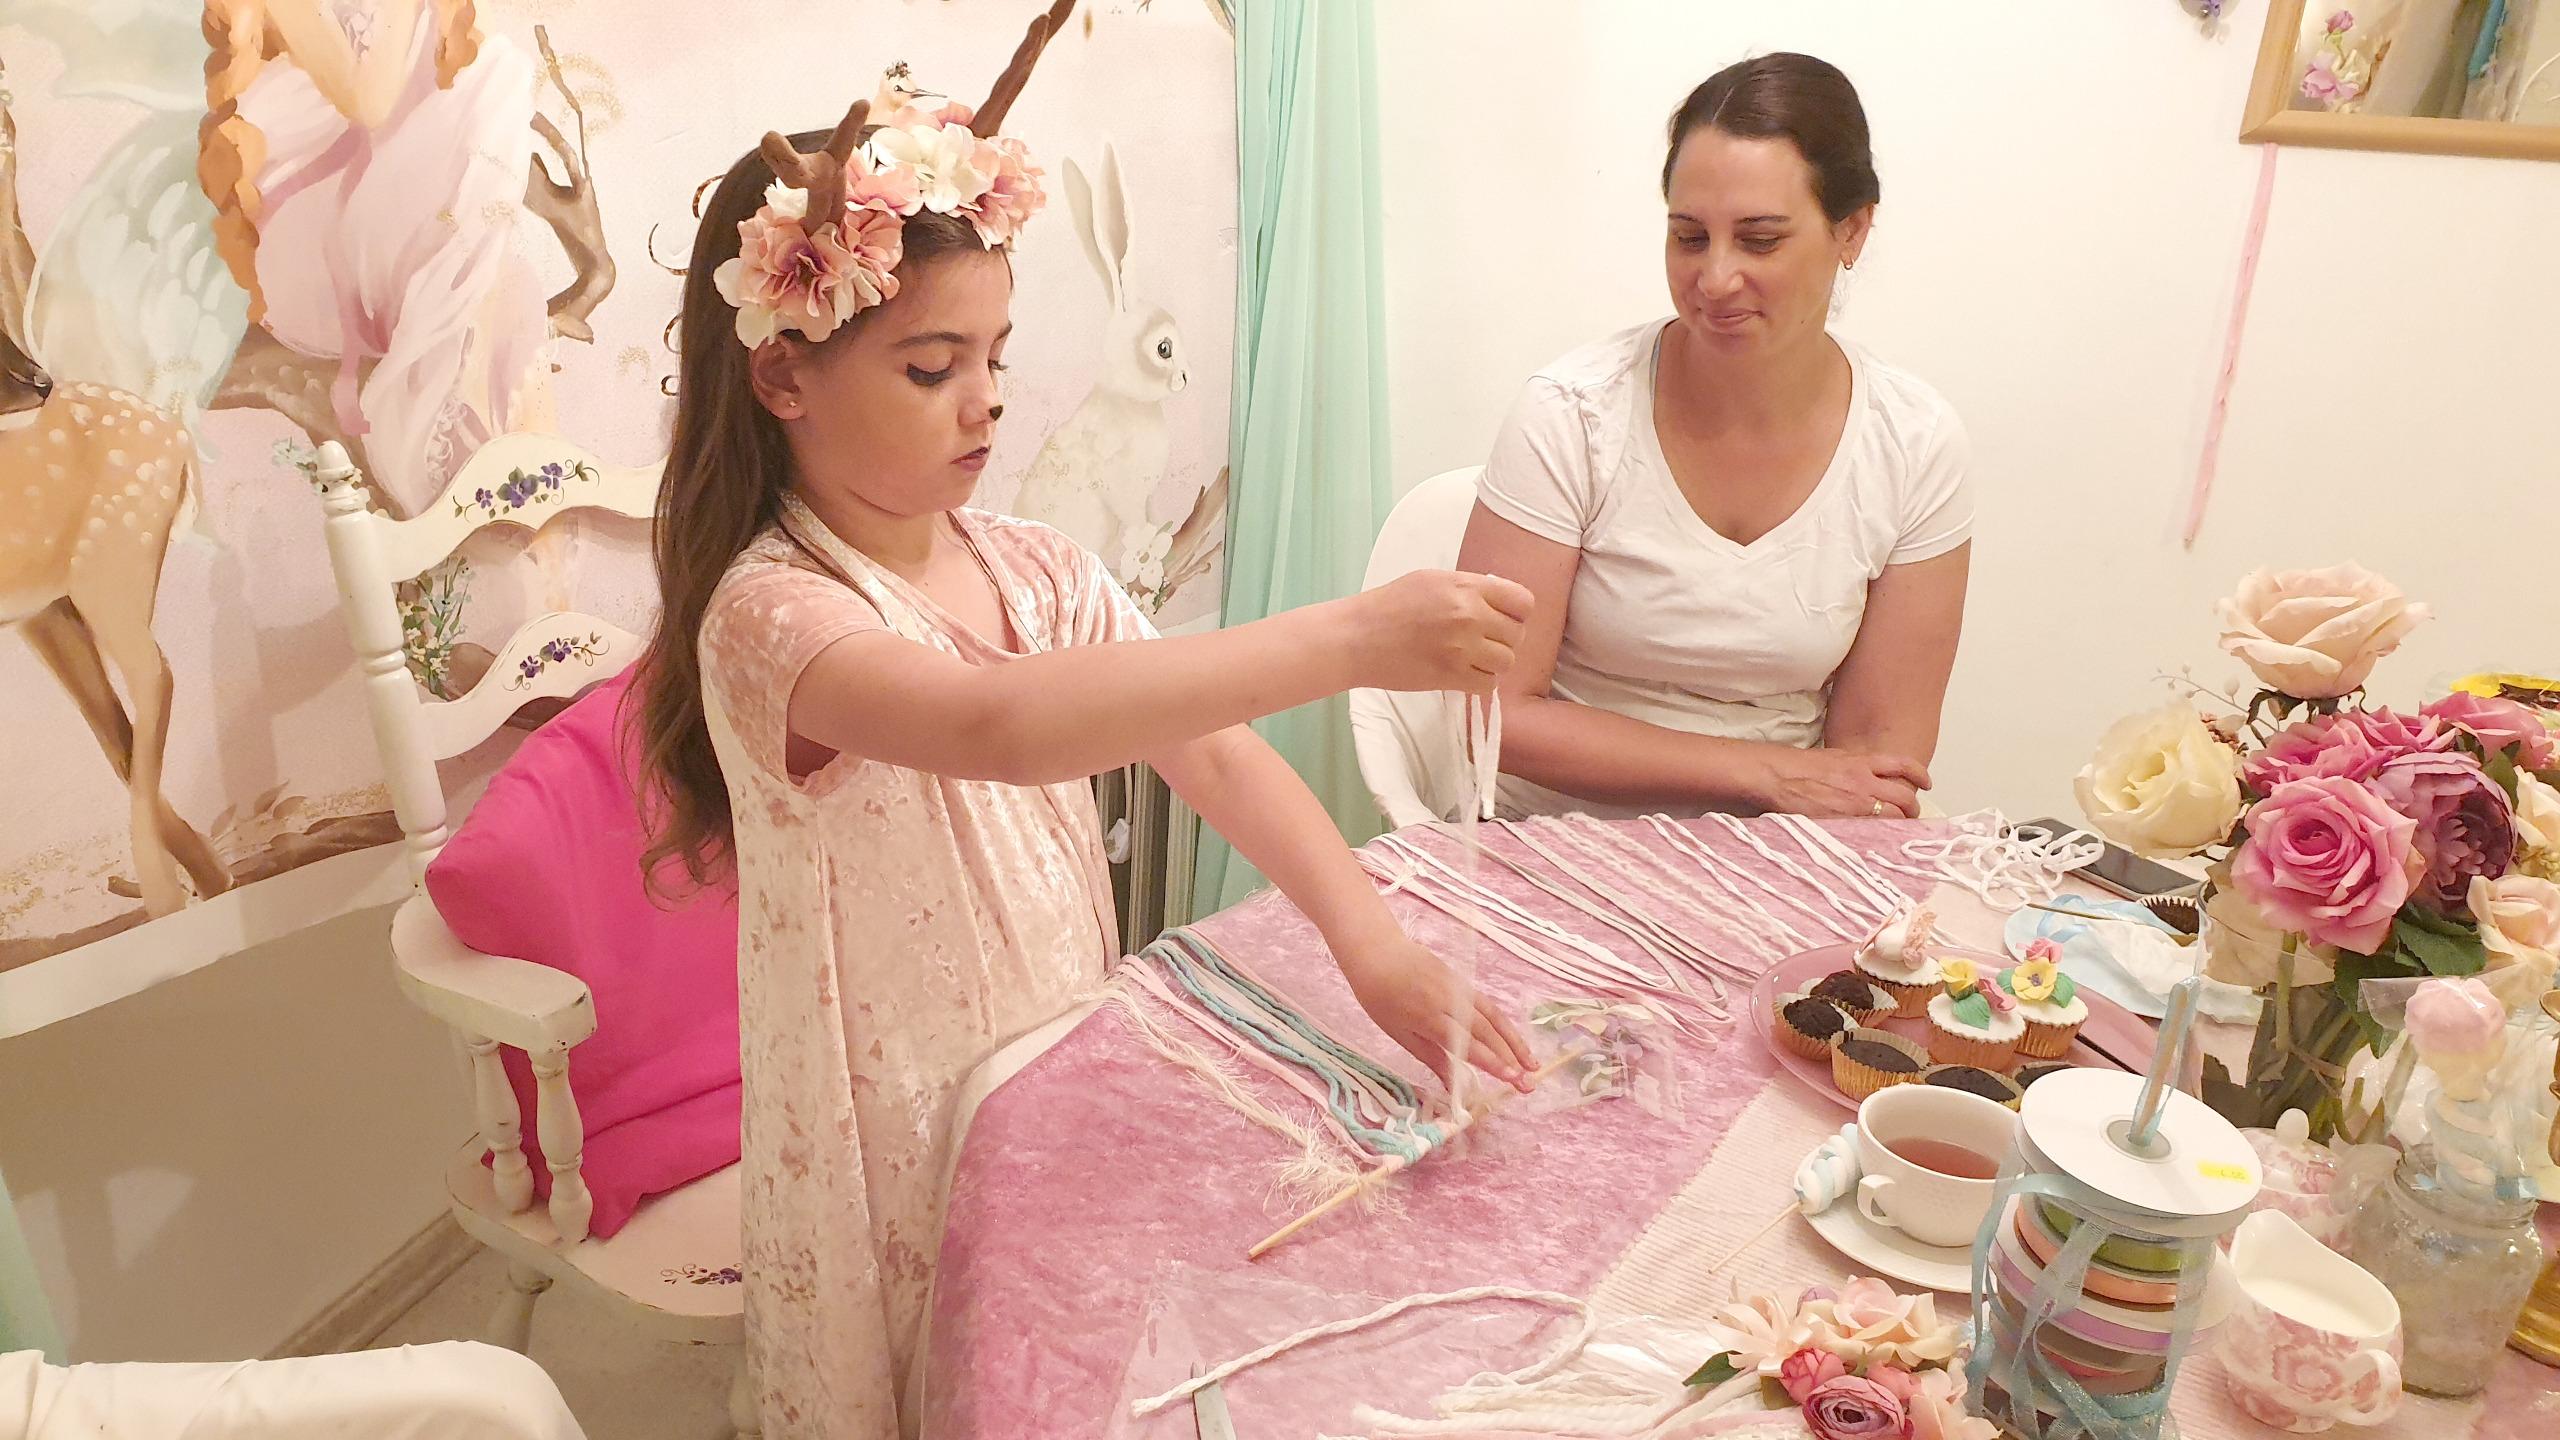 יום כיף אמהות ובנות בצפון, דייט עם אמא, סדנת יצירה